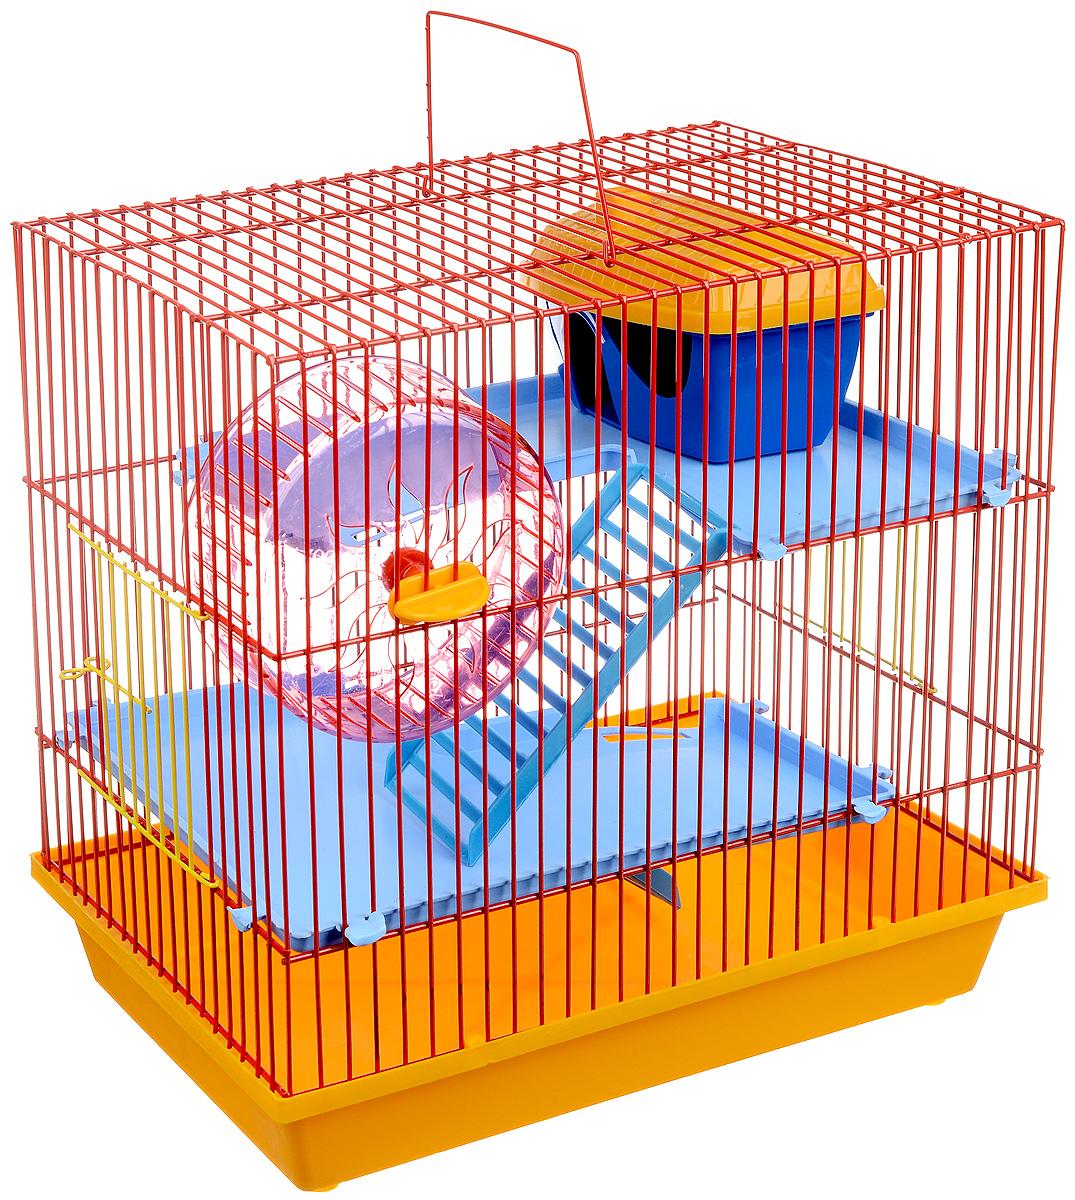 Клетка для грызунов  ЗооМарк , 3-этажная, цвет: желтый поддон, красная решетка, голубой этаж, 36 х 22,5 х 34 см. 135 - Клетки, вольеры, будки